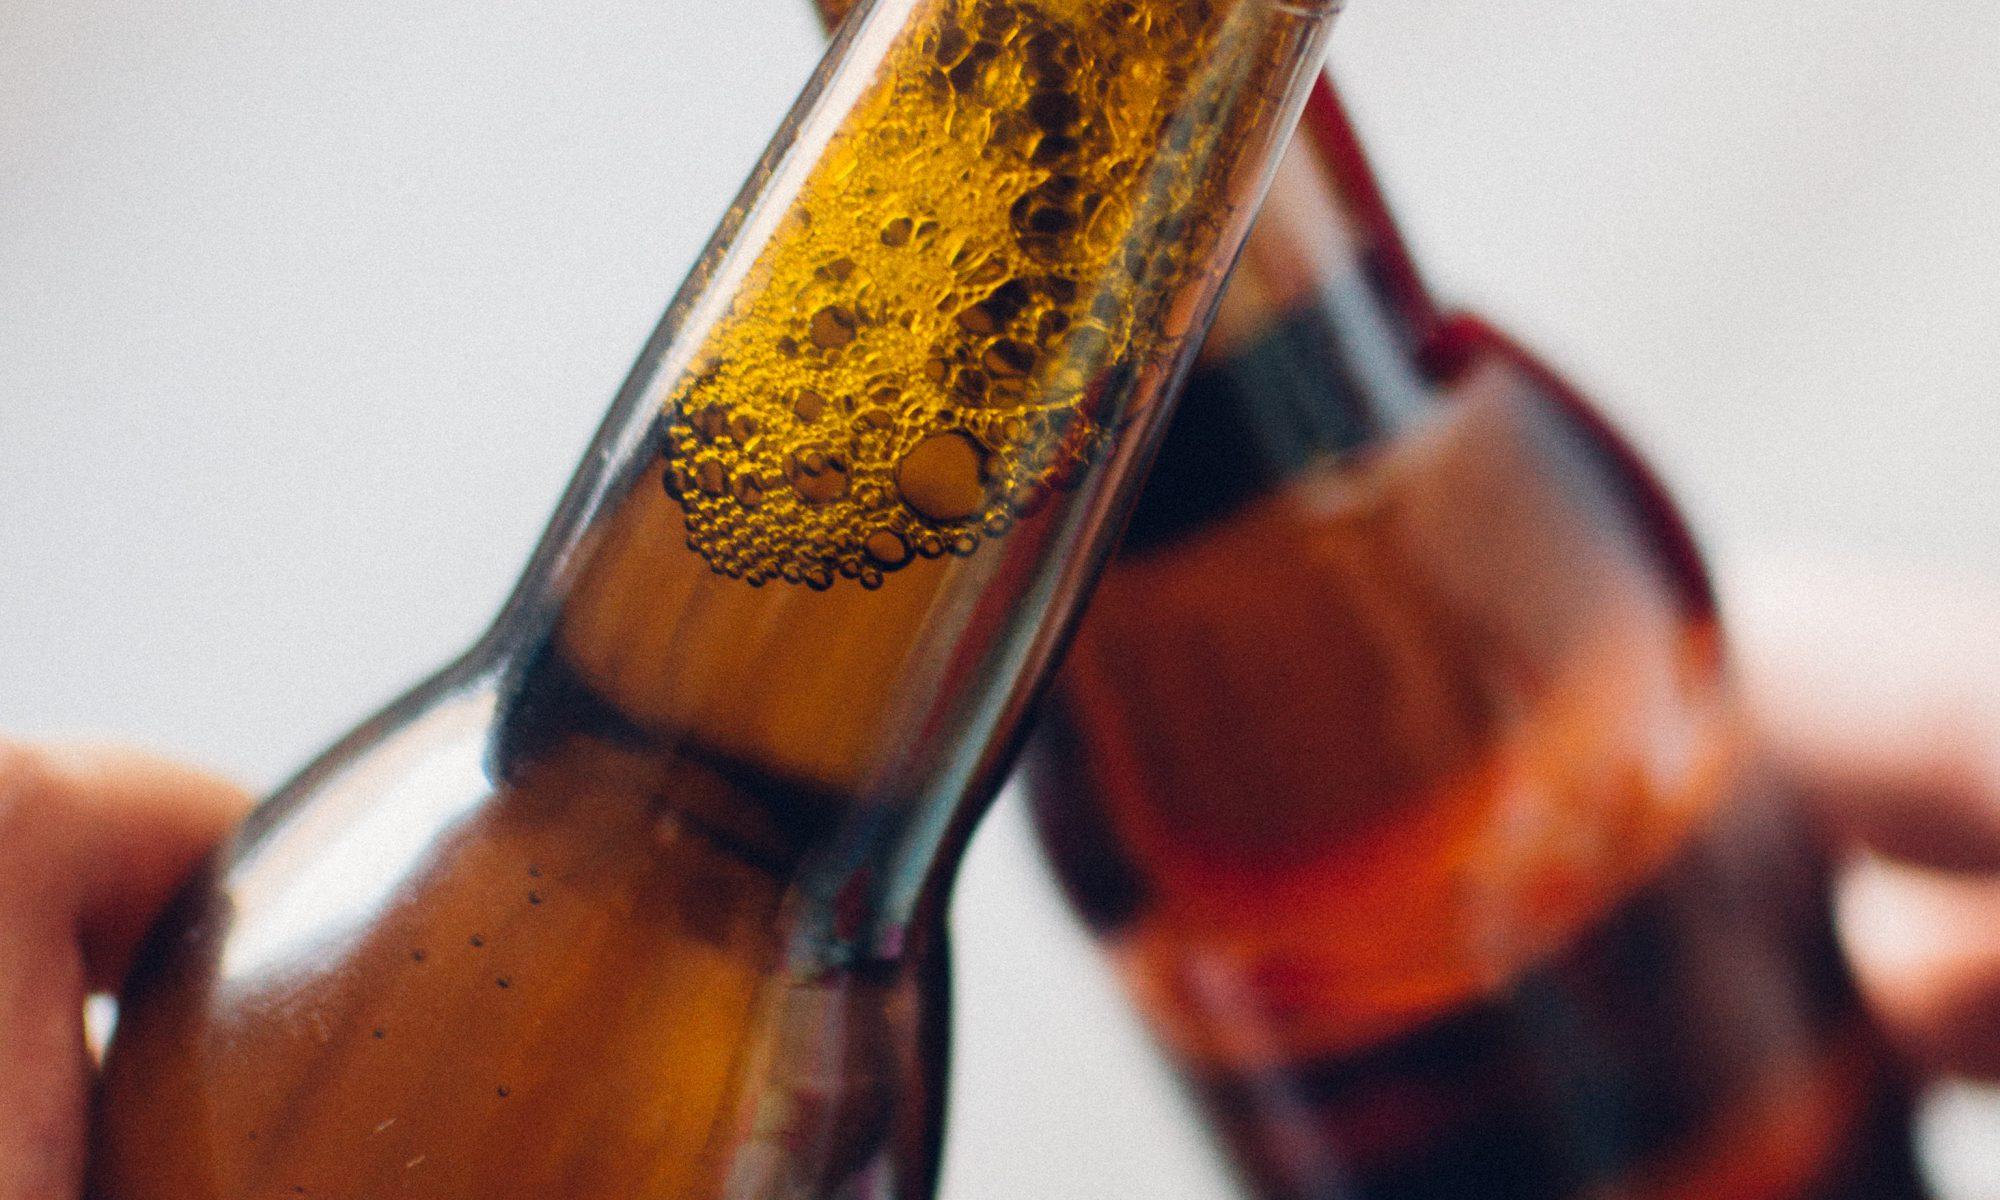 Der 24-Tage-alkoholfreies-Bier-Test von HHopcast